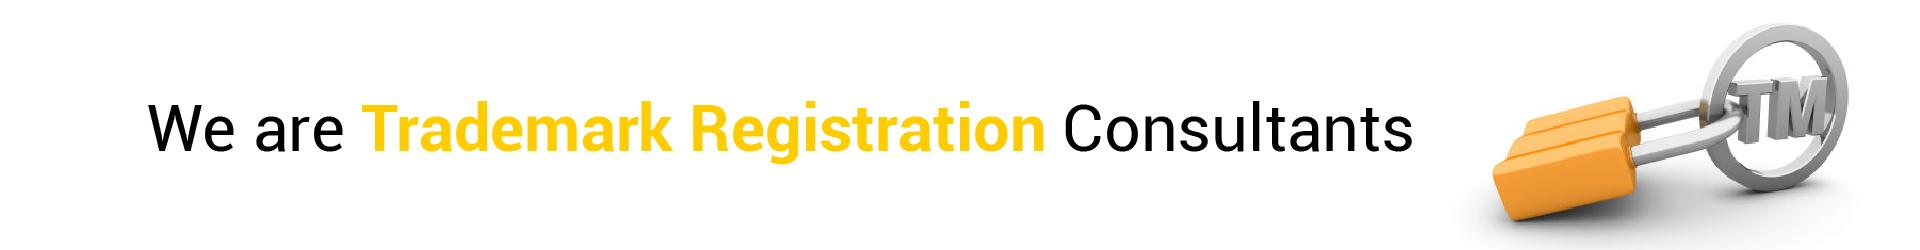 Trademark Registration Consultants